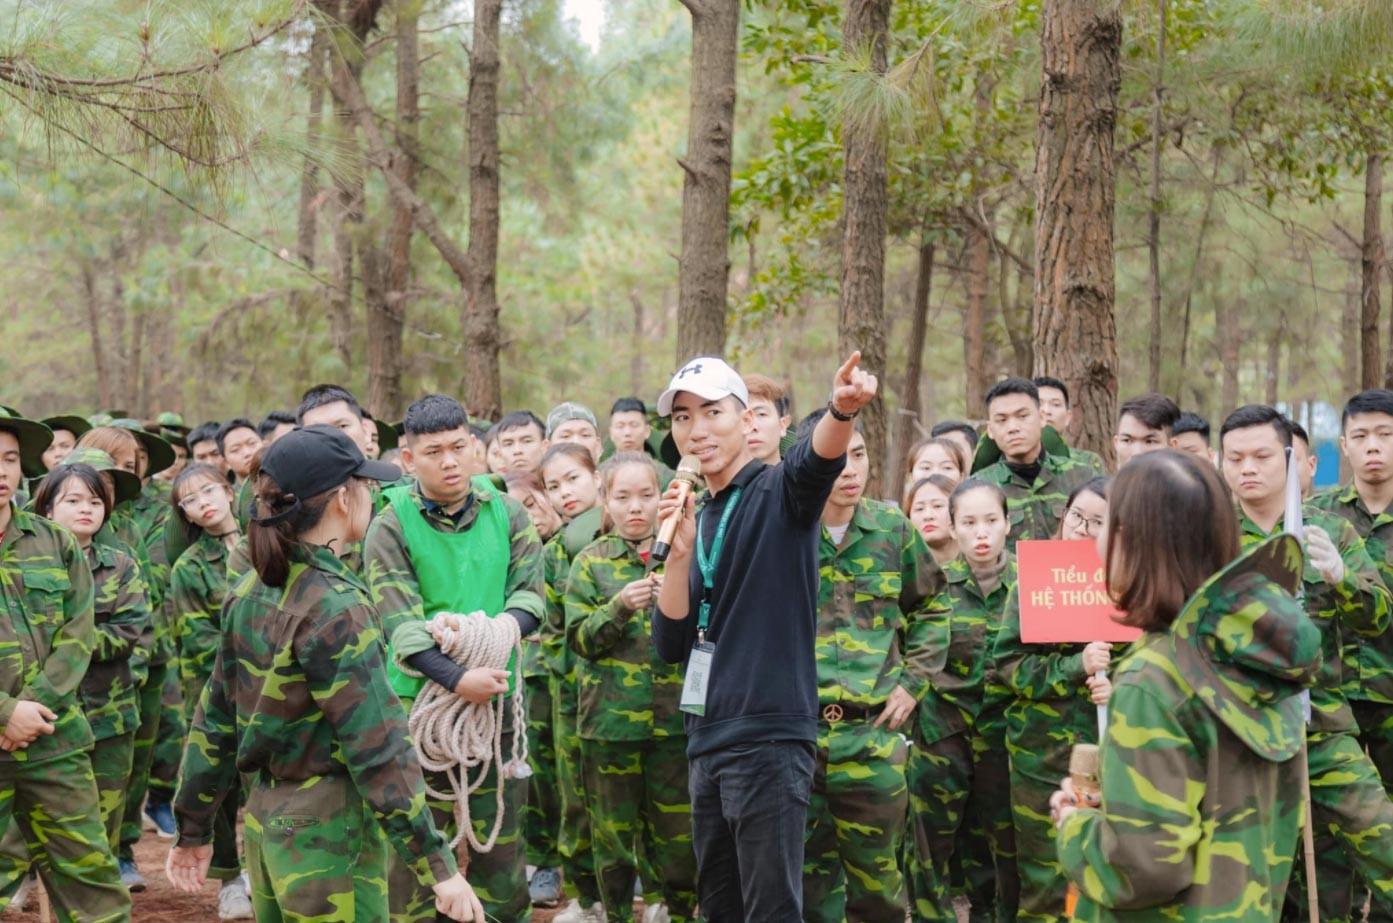 Cho thuê quần áo quân đội Việt Nam - Luxtour 6